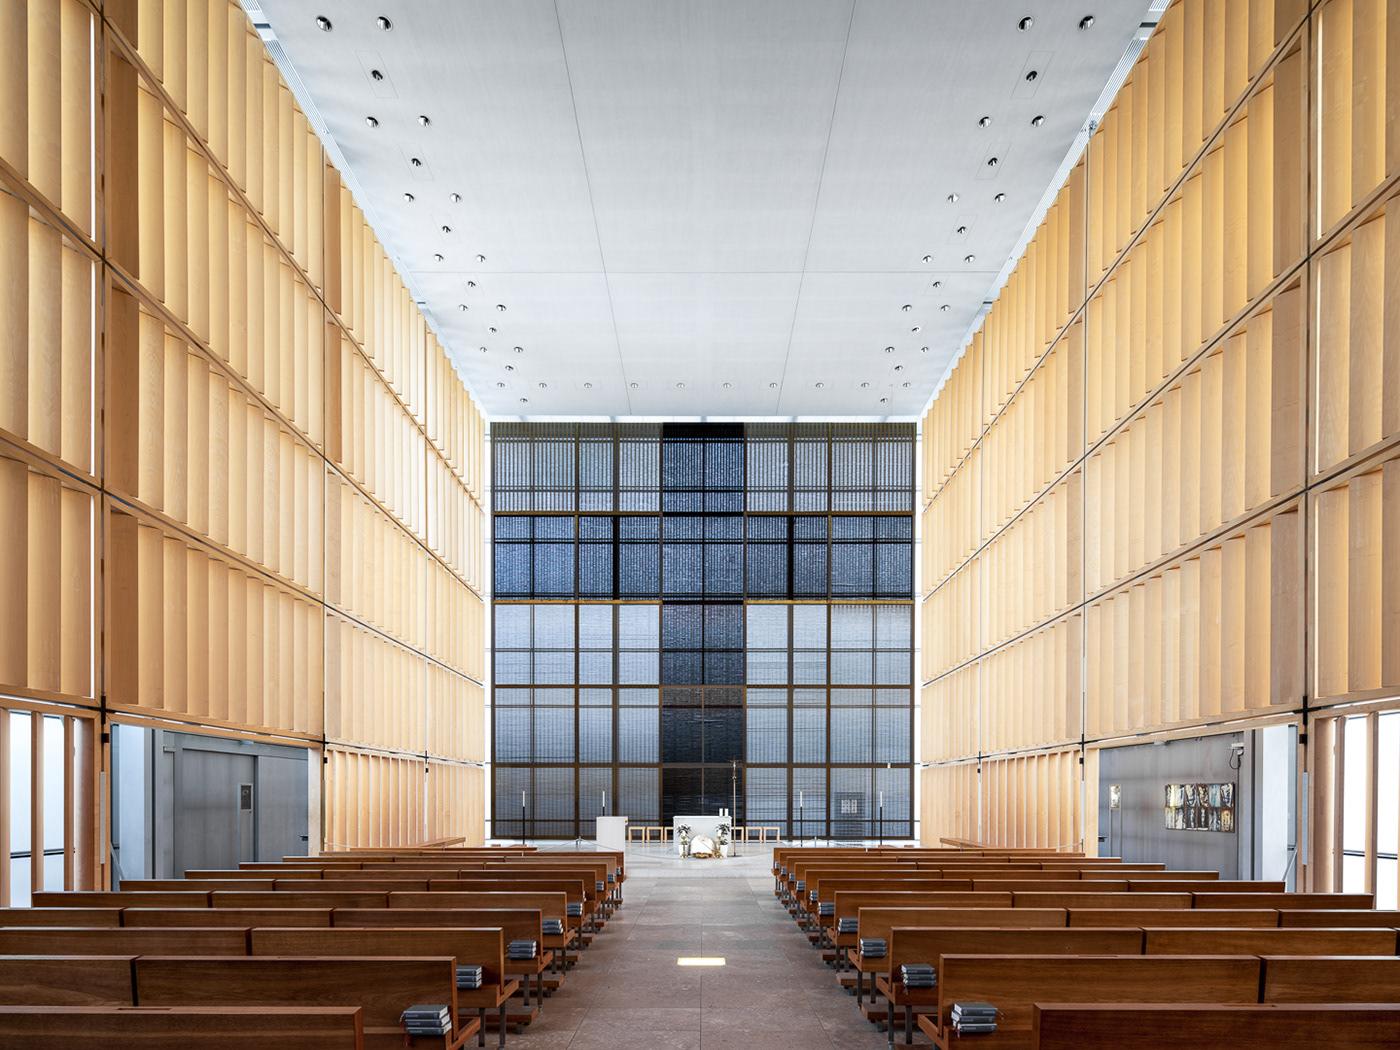 Церковь Сердца Христова, Мюнхен, Германия